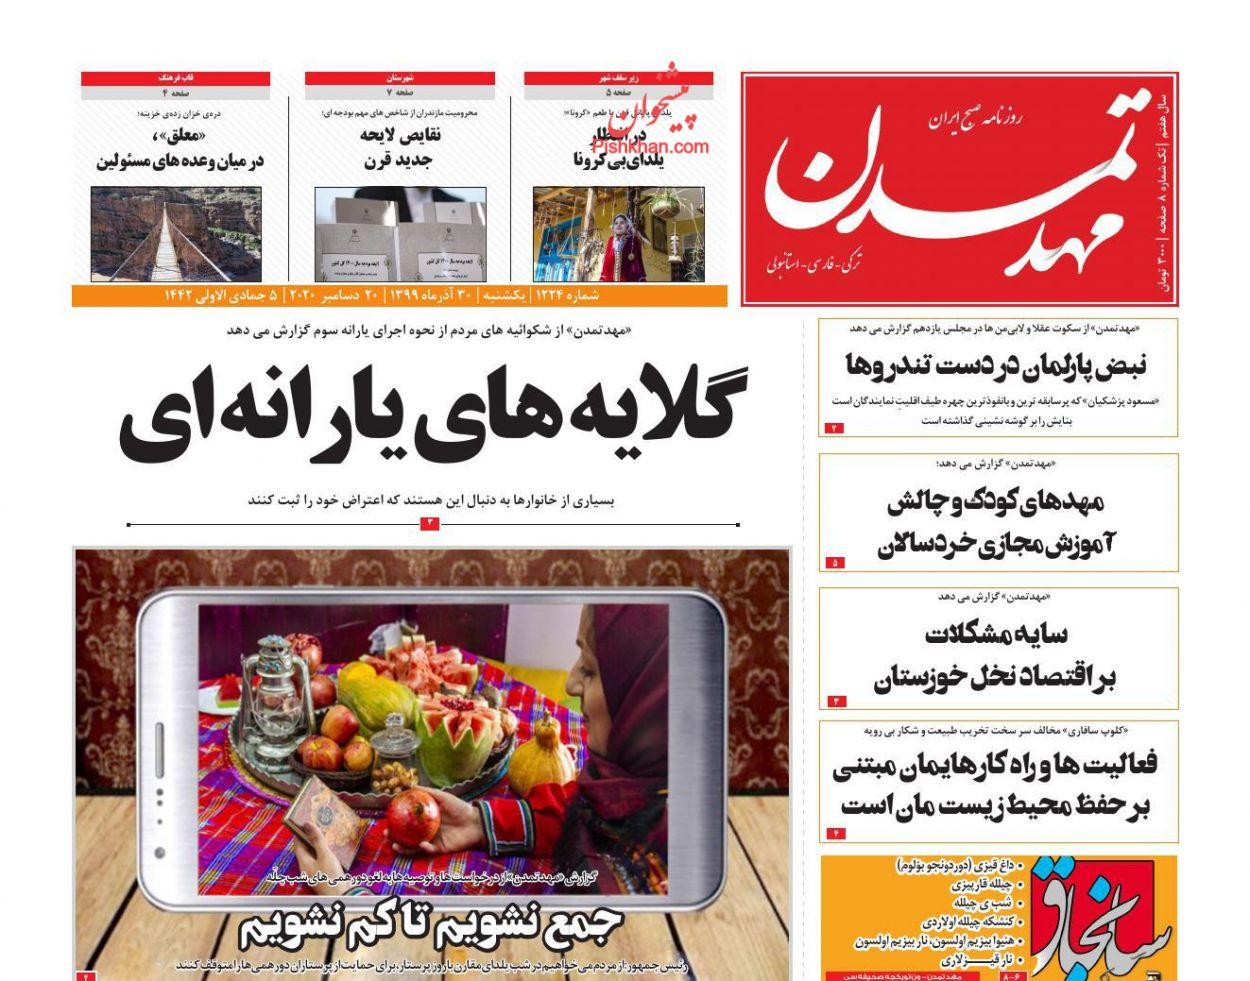 عناوین اخبار روزنامه مهد تمدن در روز یکشنبه ۳۰ آذر